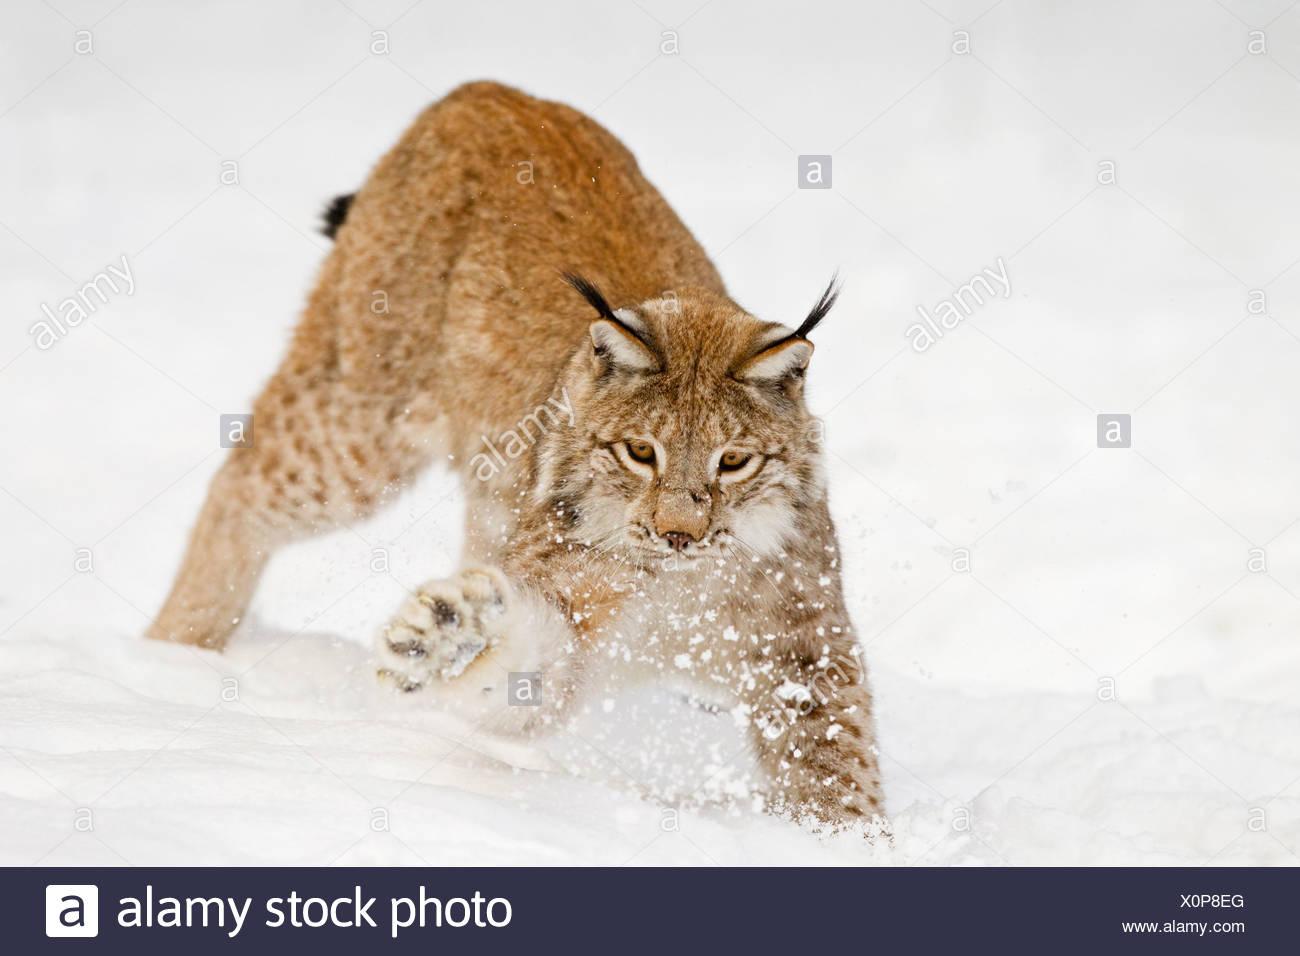 Alemania, Baviera, lince europeo jugando en la nieve Imagen De Stock